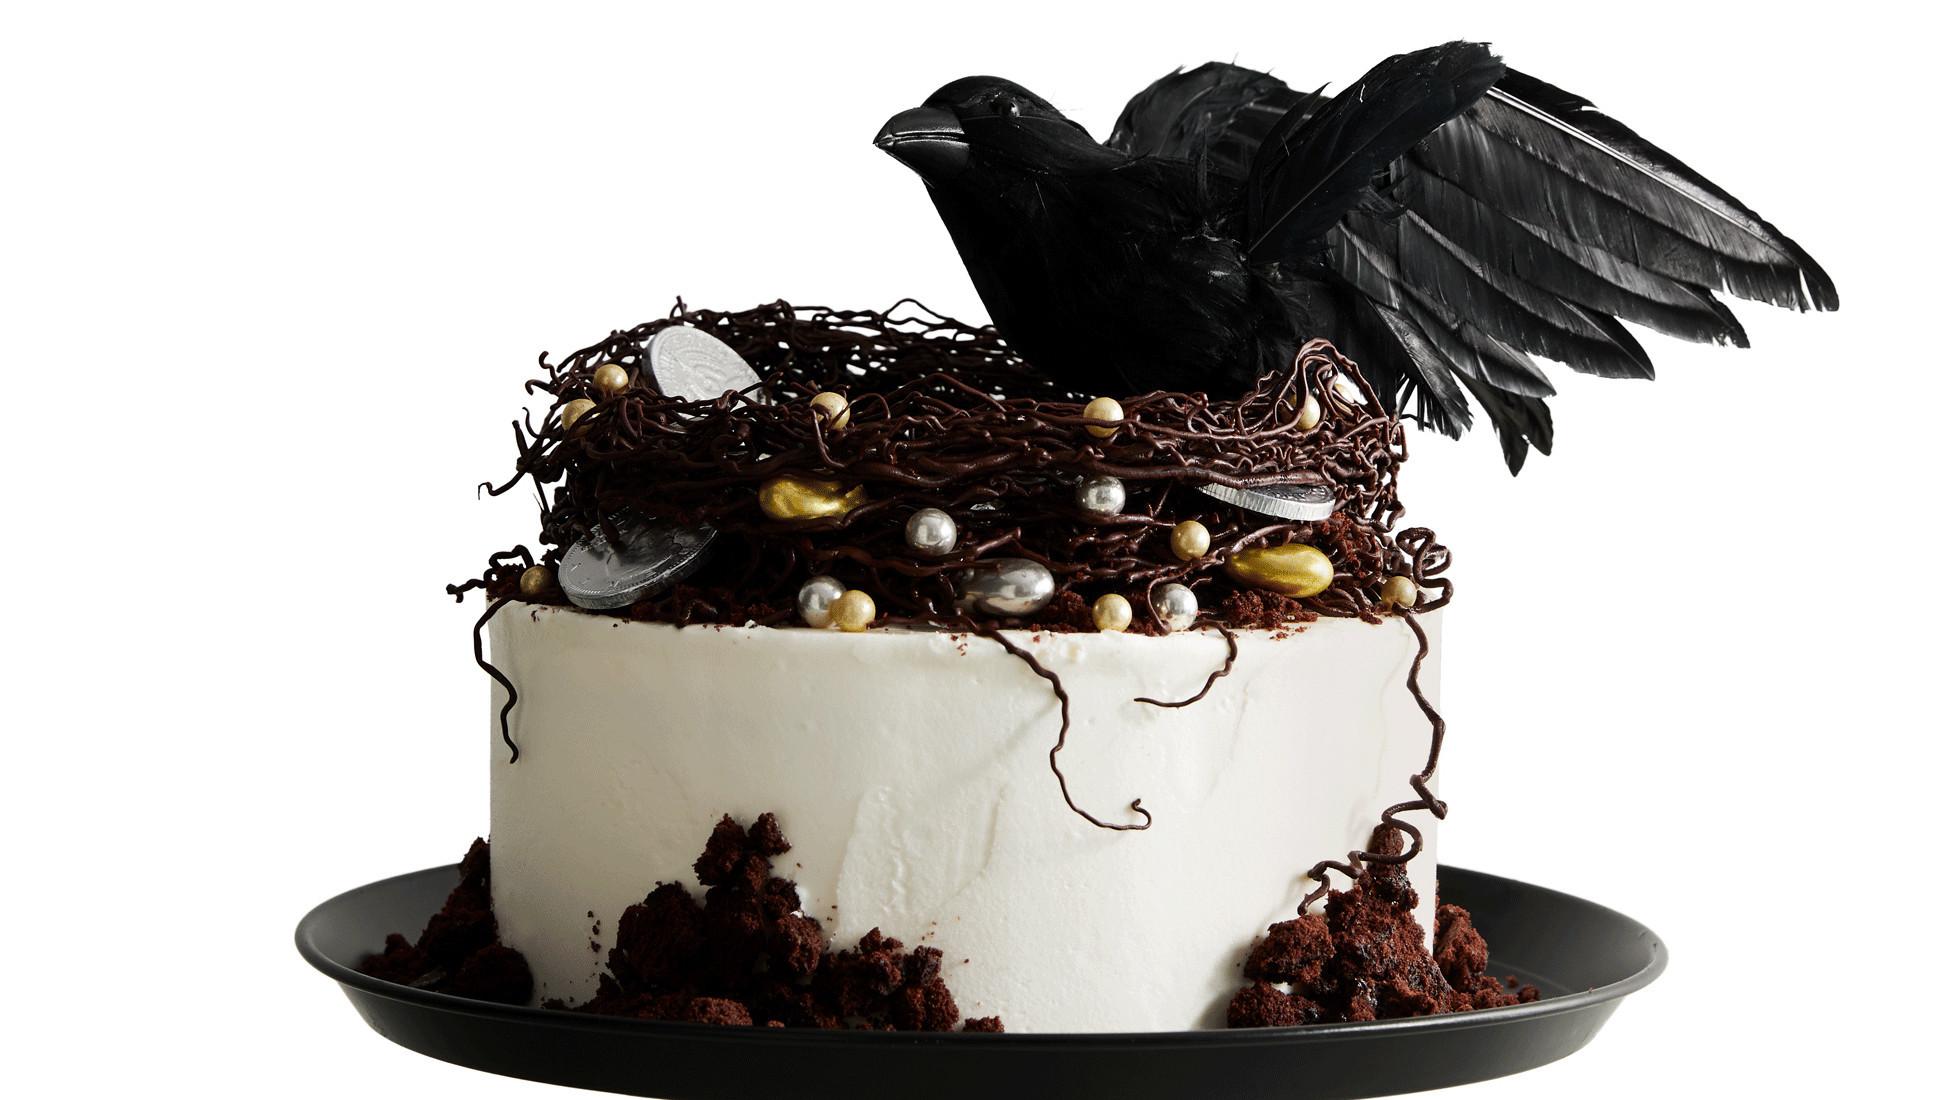 RavensNest Cake